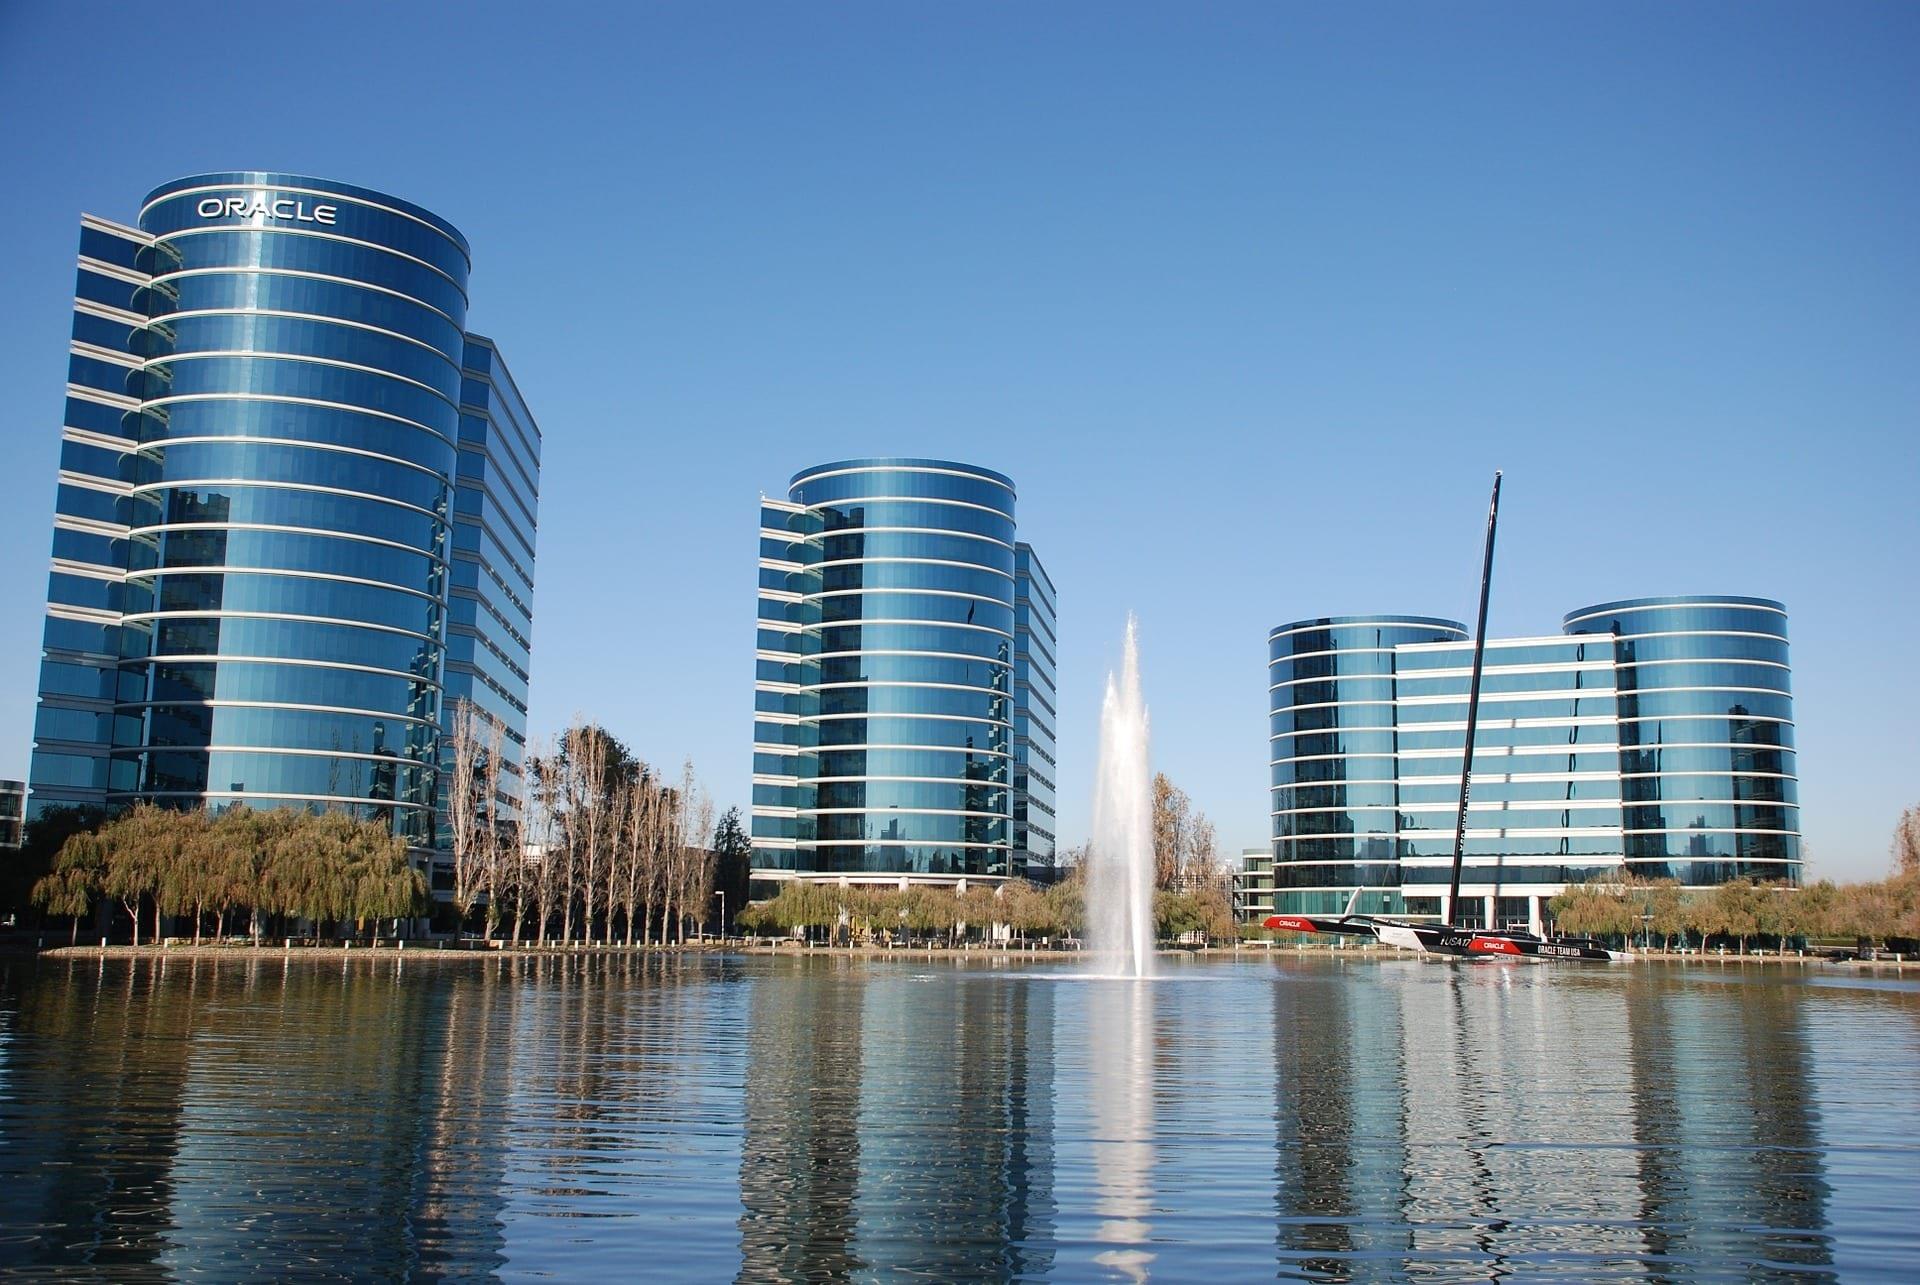 Các toà nhà có thiết kế hình trụ đặc trưng tại trụ sở của Oracle ở thung lũng Silicon. Ảnh: REUTIR